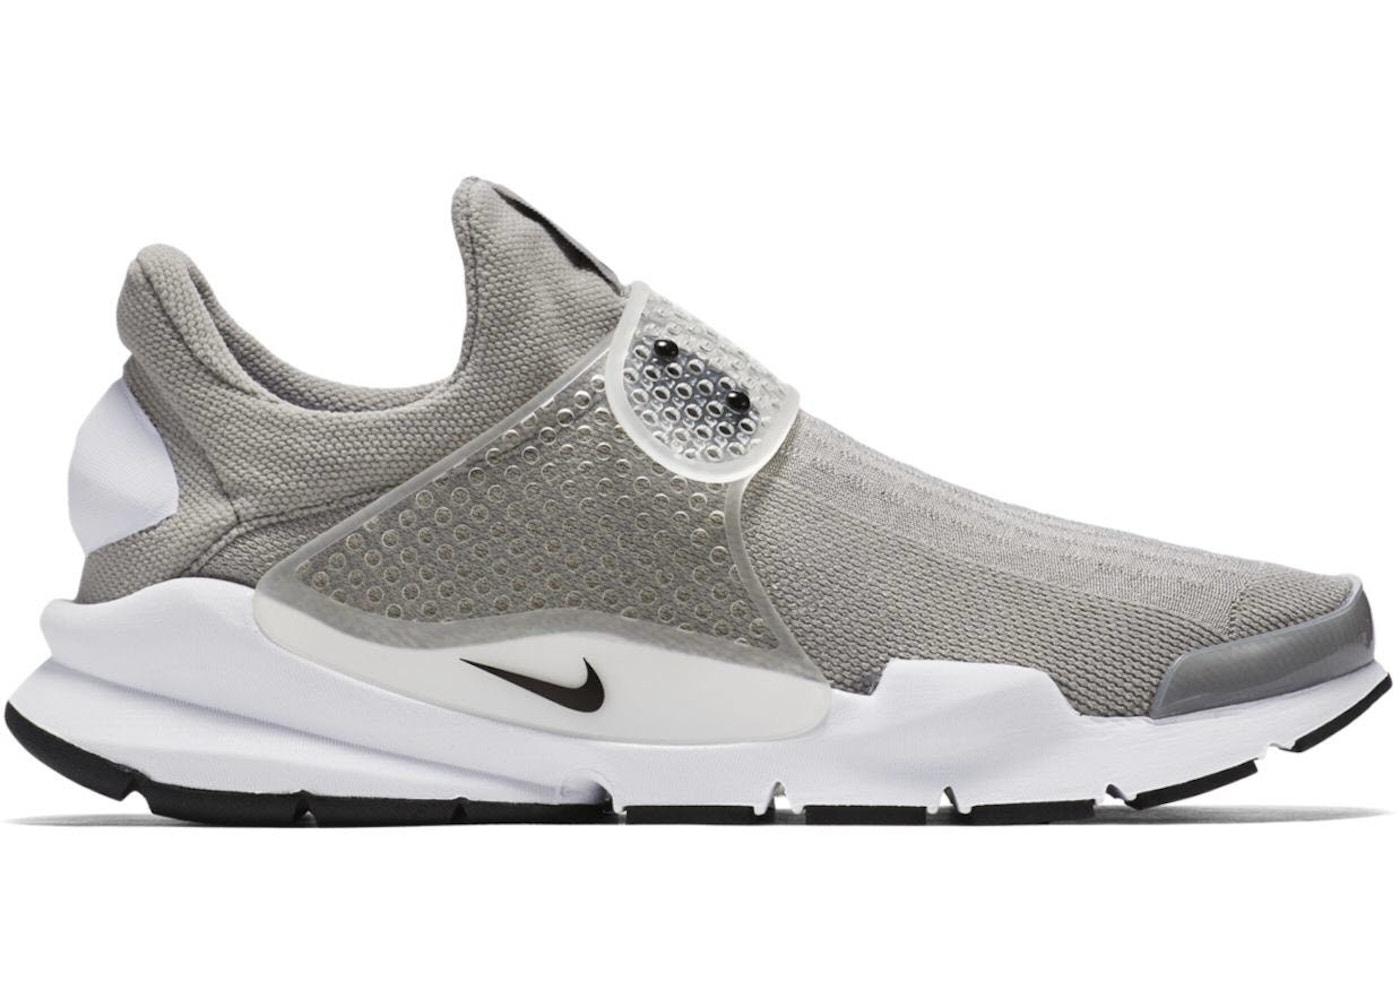 Nike Sock Dart 2020 Nike Sock Dart Medium Grey - 819686-002